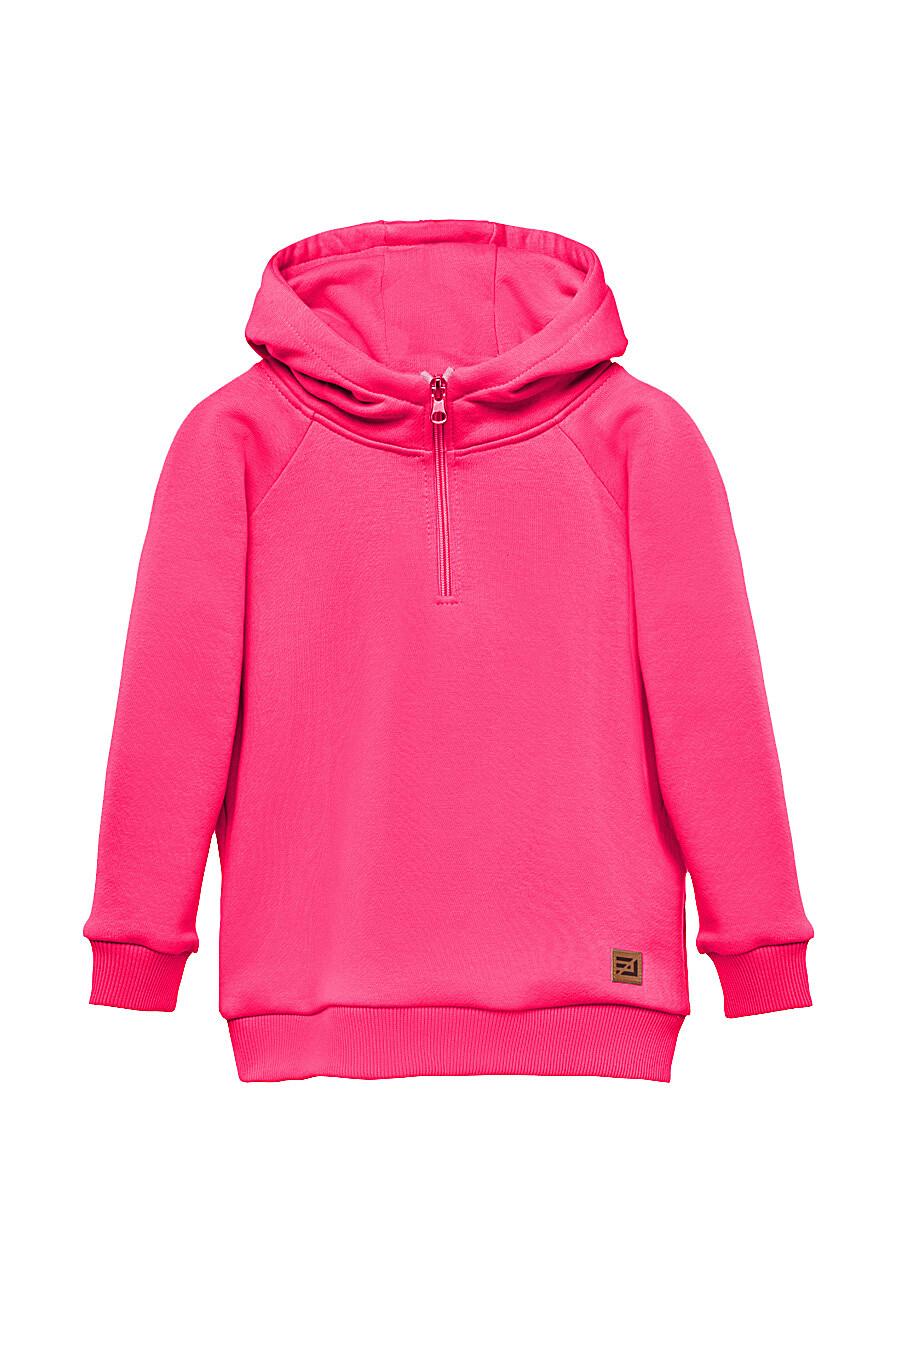 Худи для девочек EZANNA 668042 купить оптом от производителя. Совместная покупка детской одежды в OptMoyo